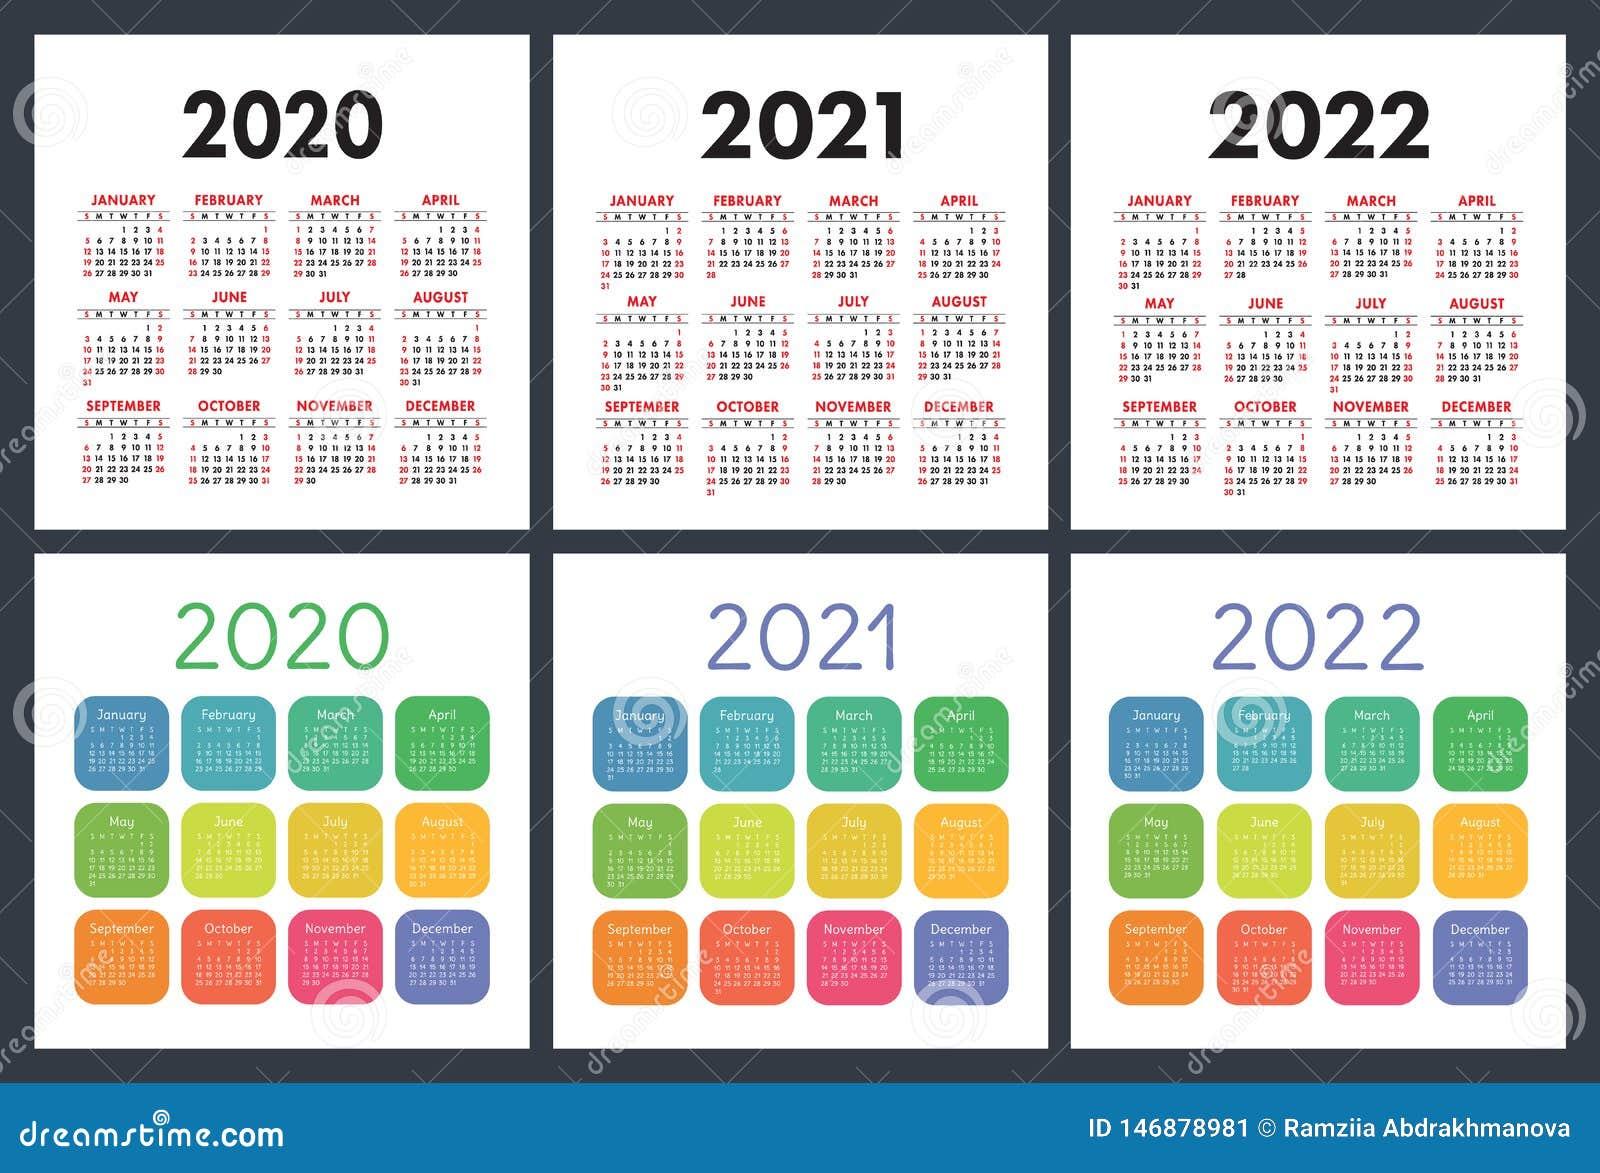 Calendrier 2021 Anglais Calendrier Anglais 2020, 2021, 2022 Calendrier De Poche Ensemble